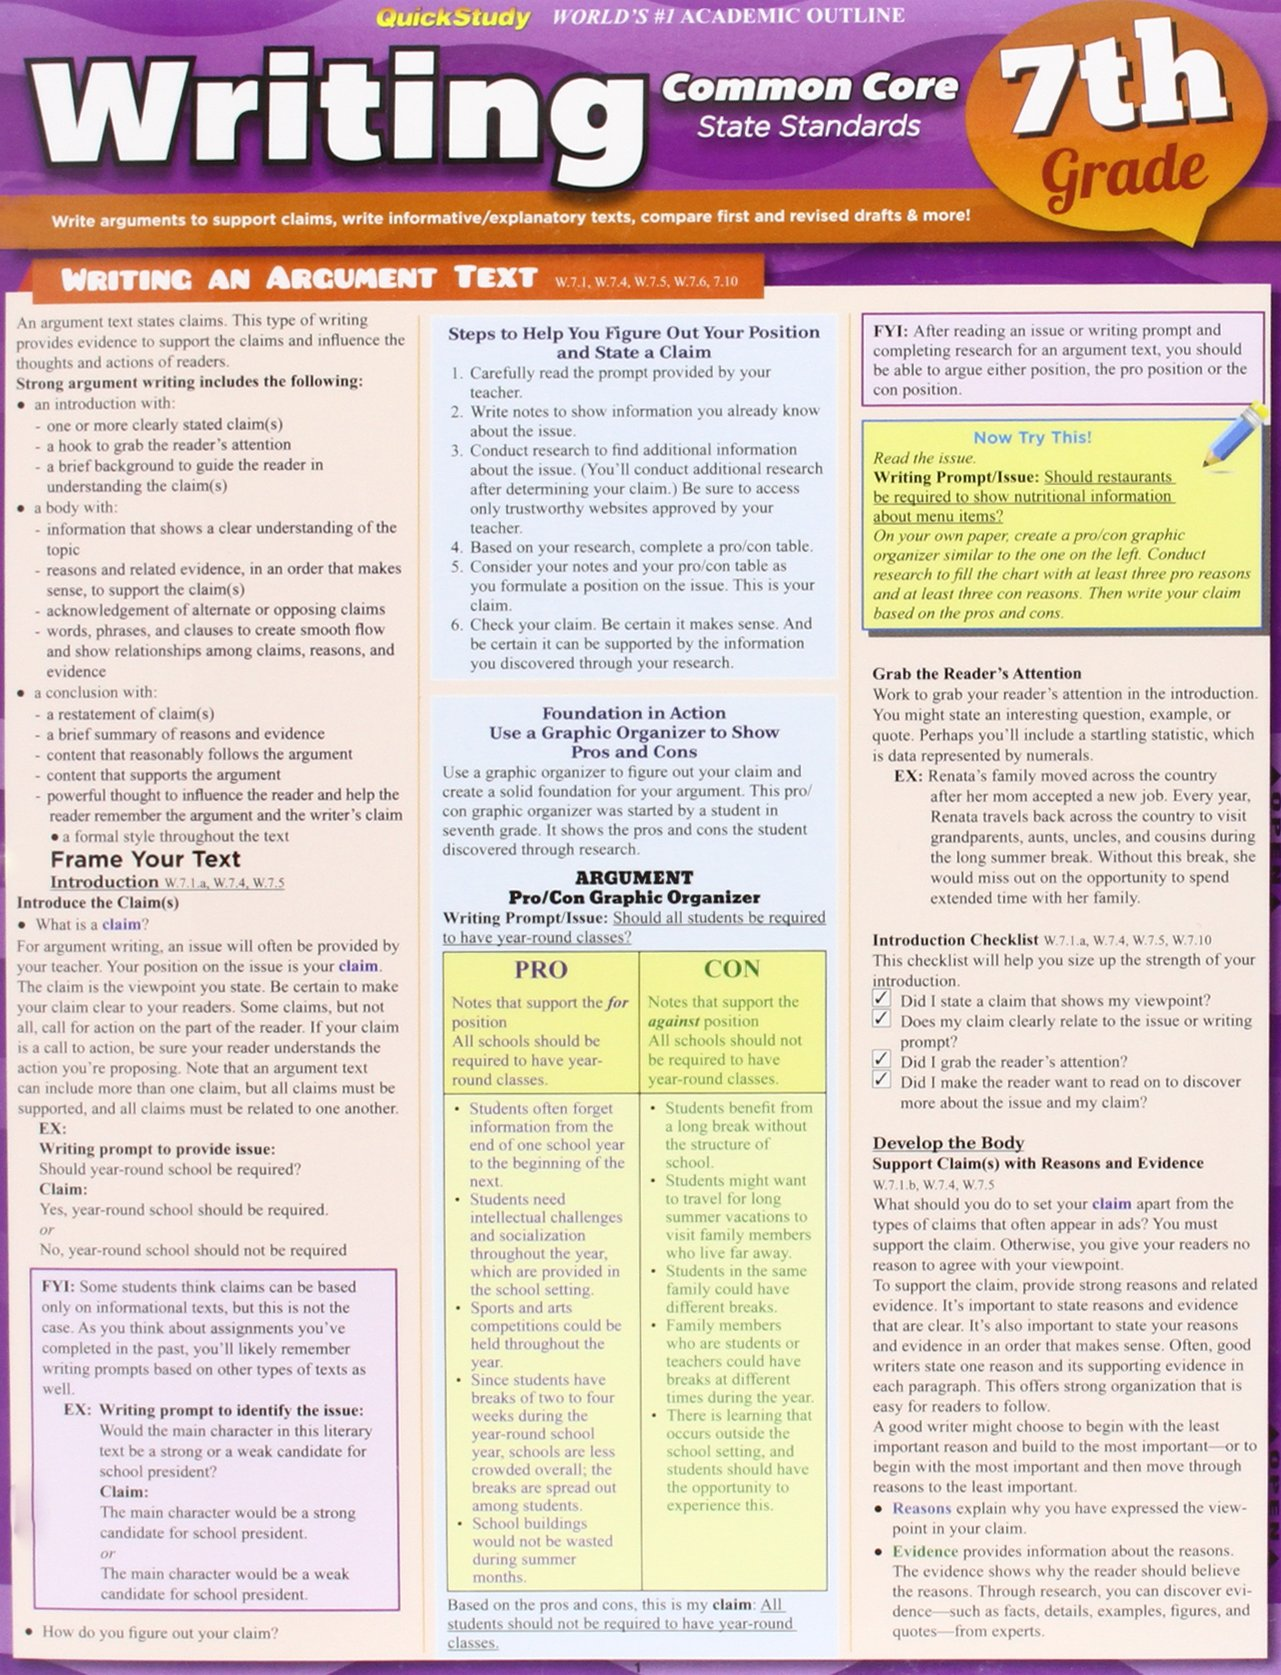 Writing Common Core 7Th Grade (Quickstudy) ebook